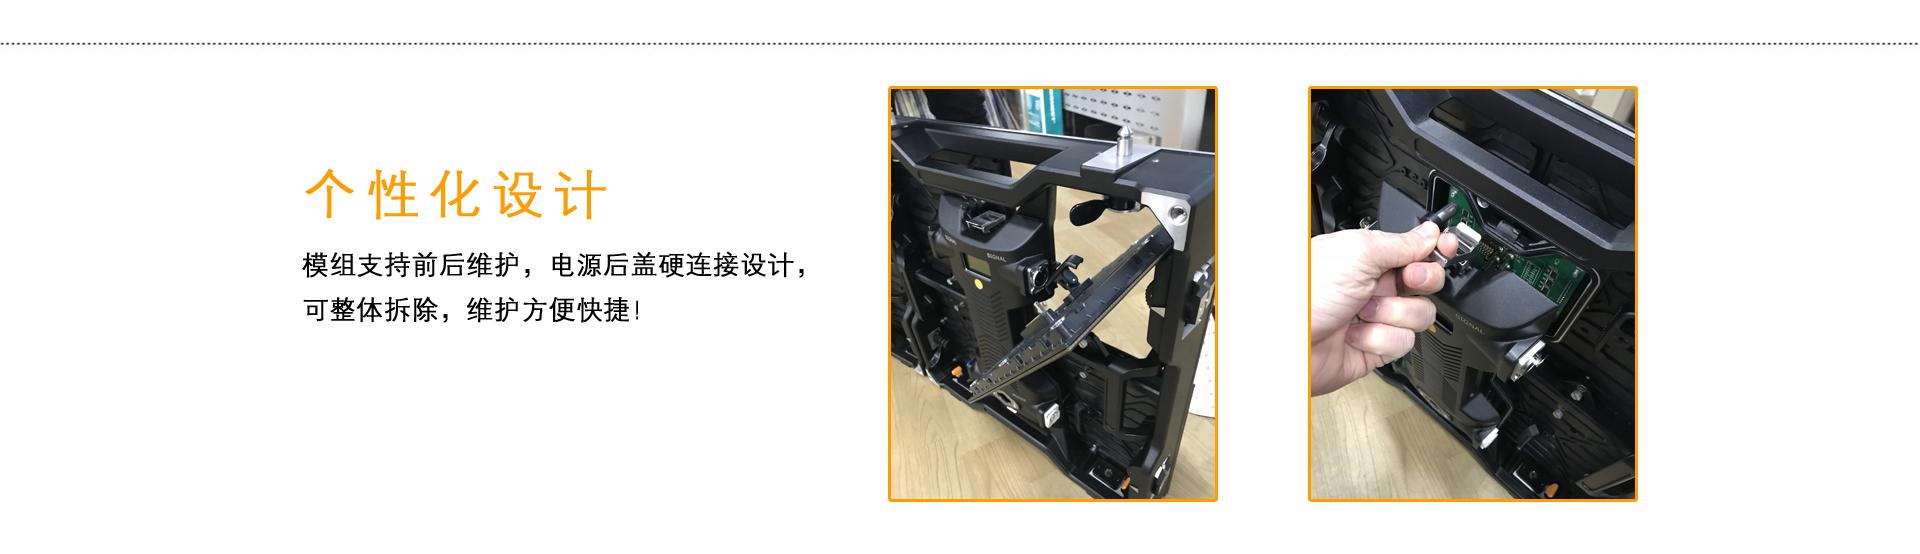 RX3.jpg